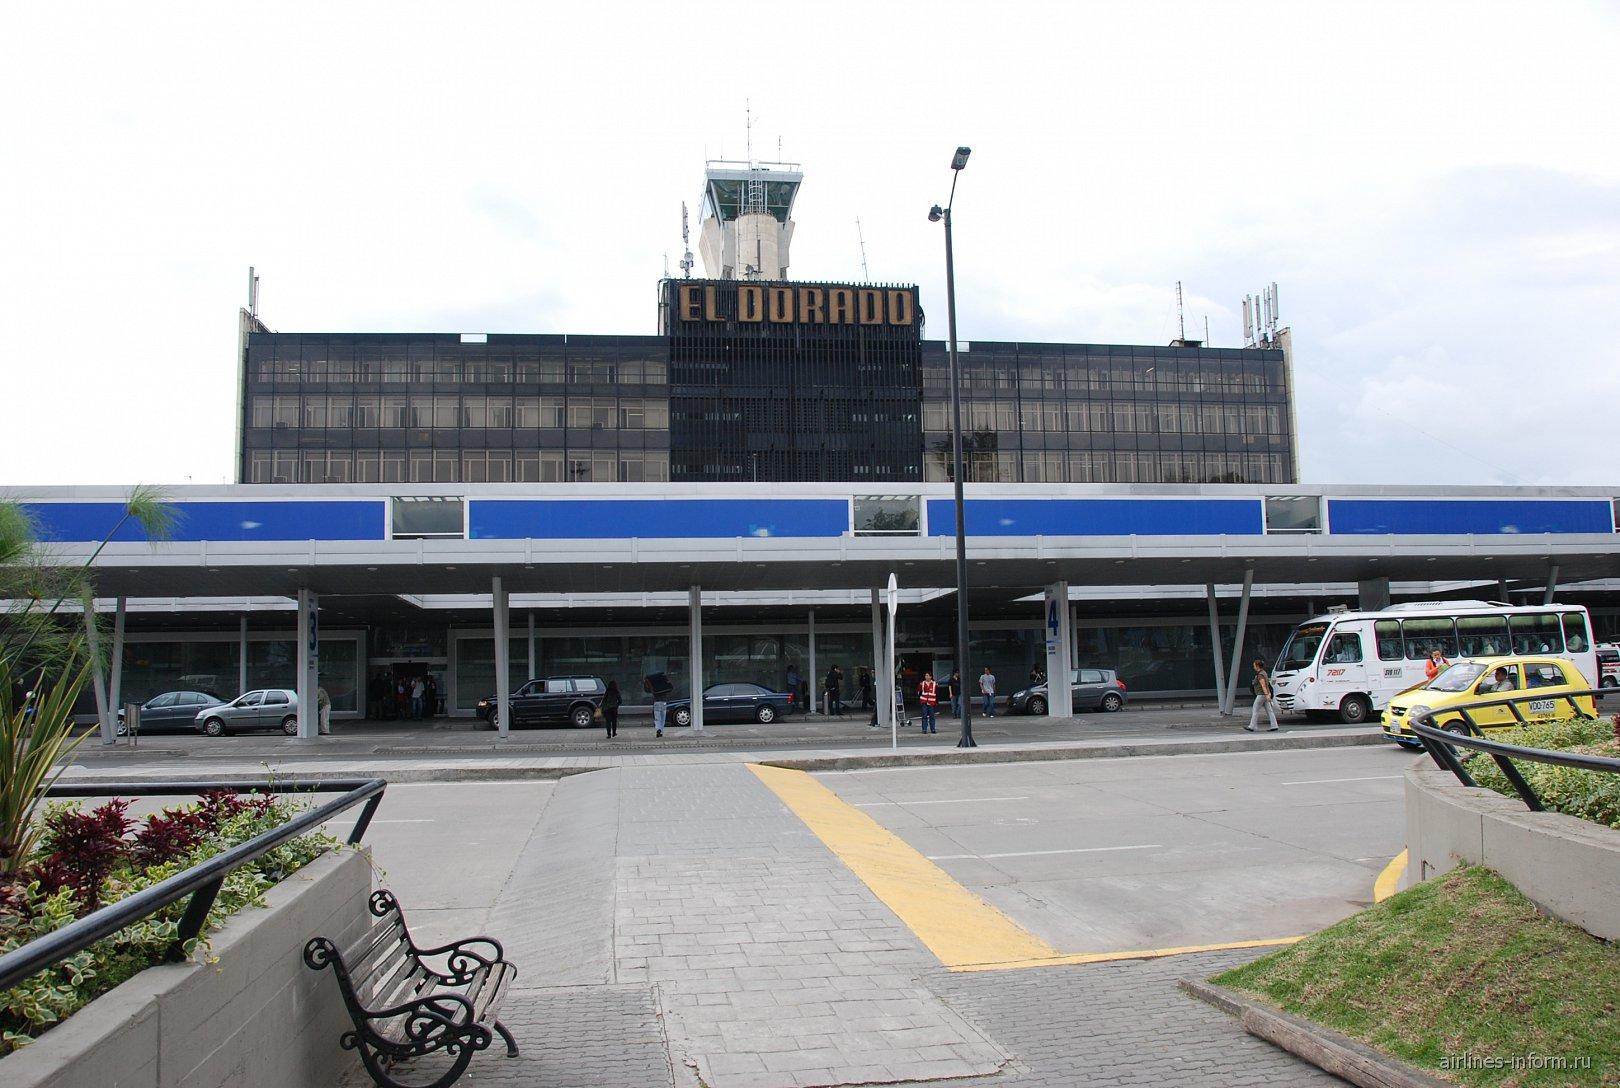 Аэропорт Богота Эльдорадо